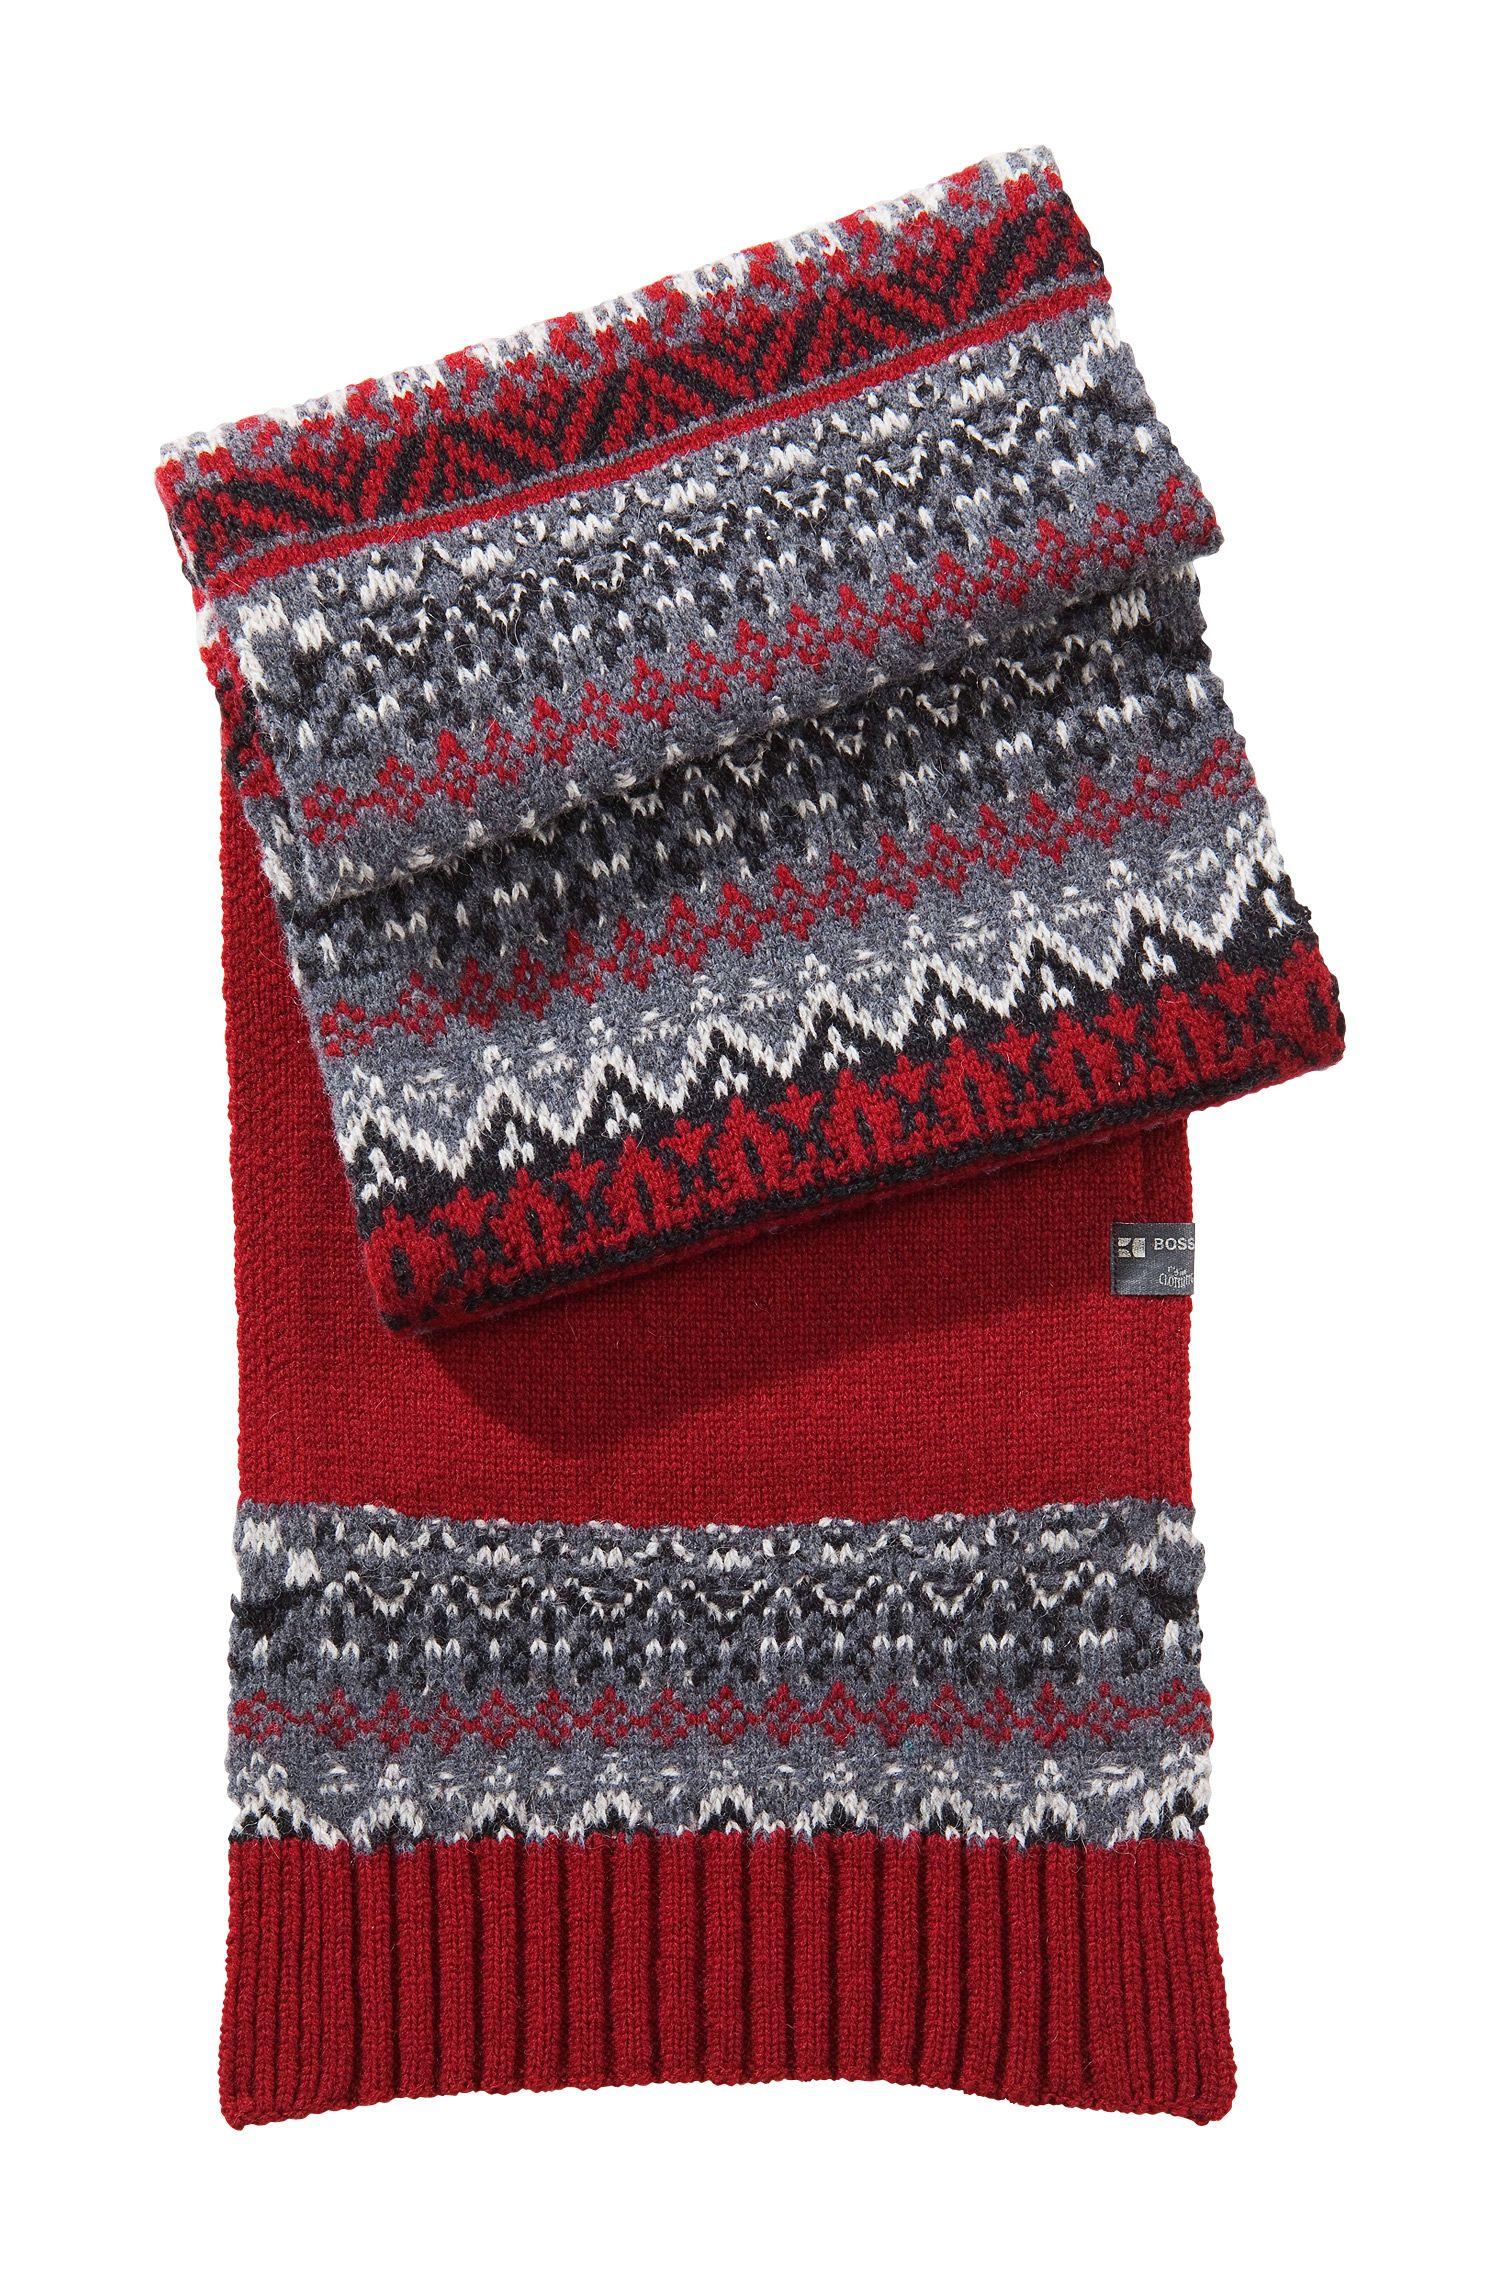 Écharpe norvégienne en laine mélangée, Abbo